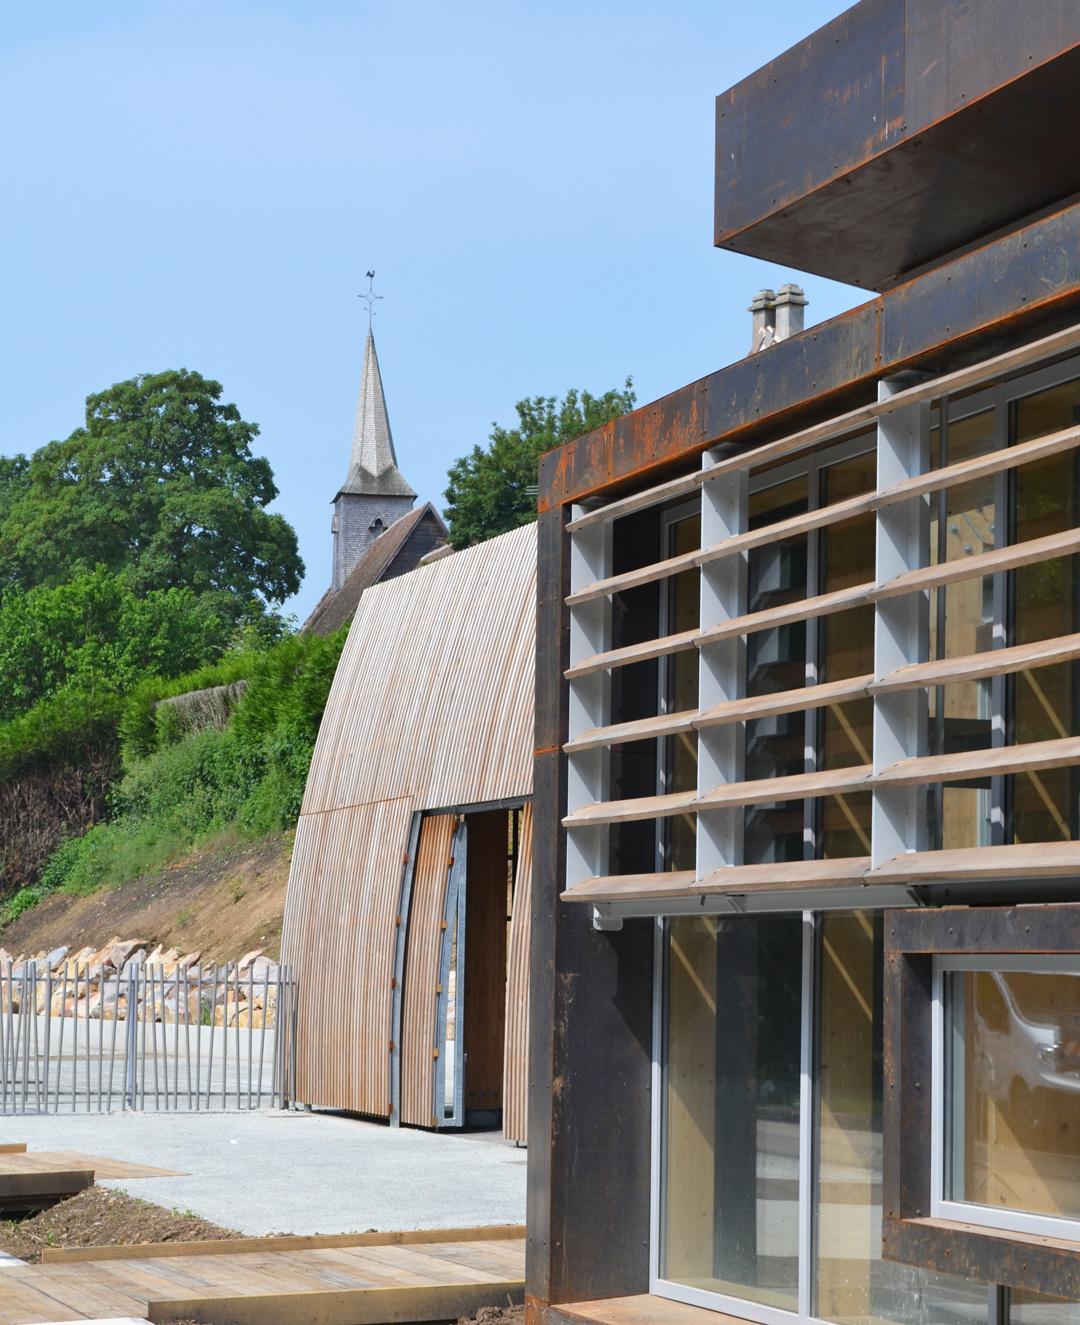 Paroles d'architectes : le choix du bois dans un bâtiment public vu par Philippe Goudenège et Cristel Courboin